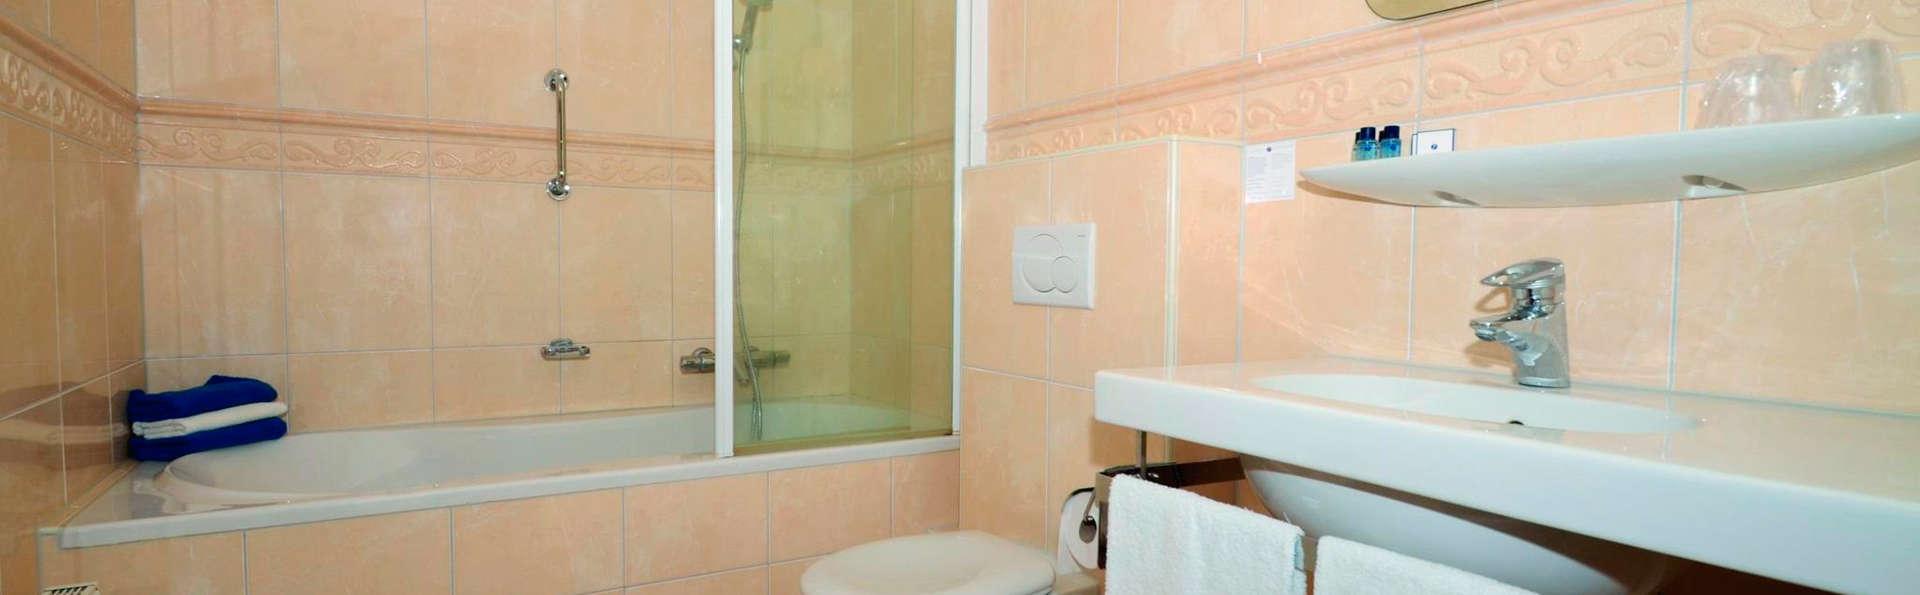 Fletcher Wellness-Hotel De Hunzebergen - EDIT_bath.jpg